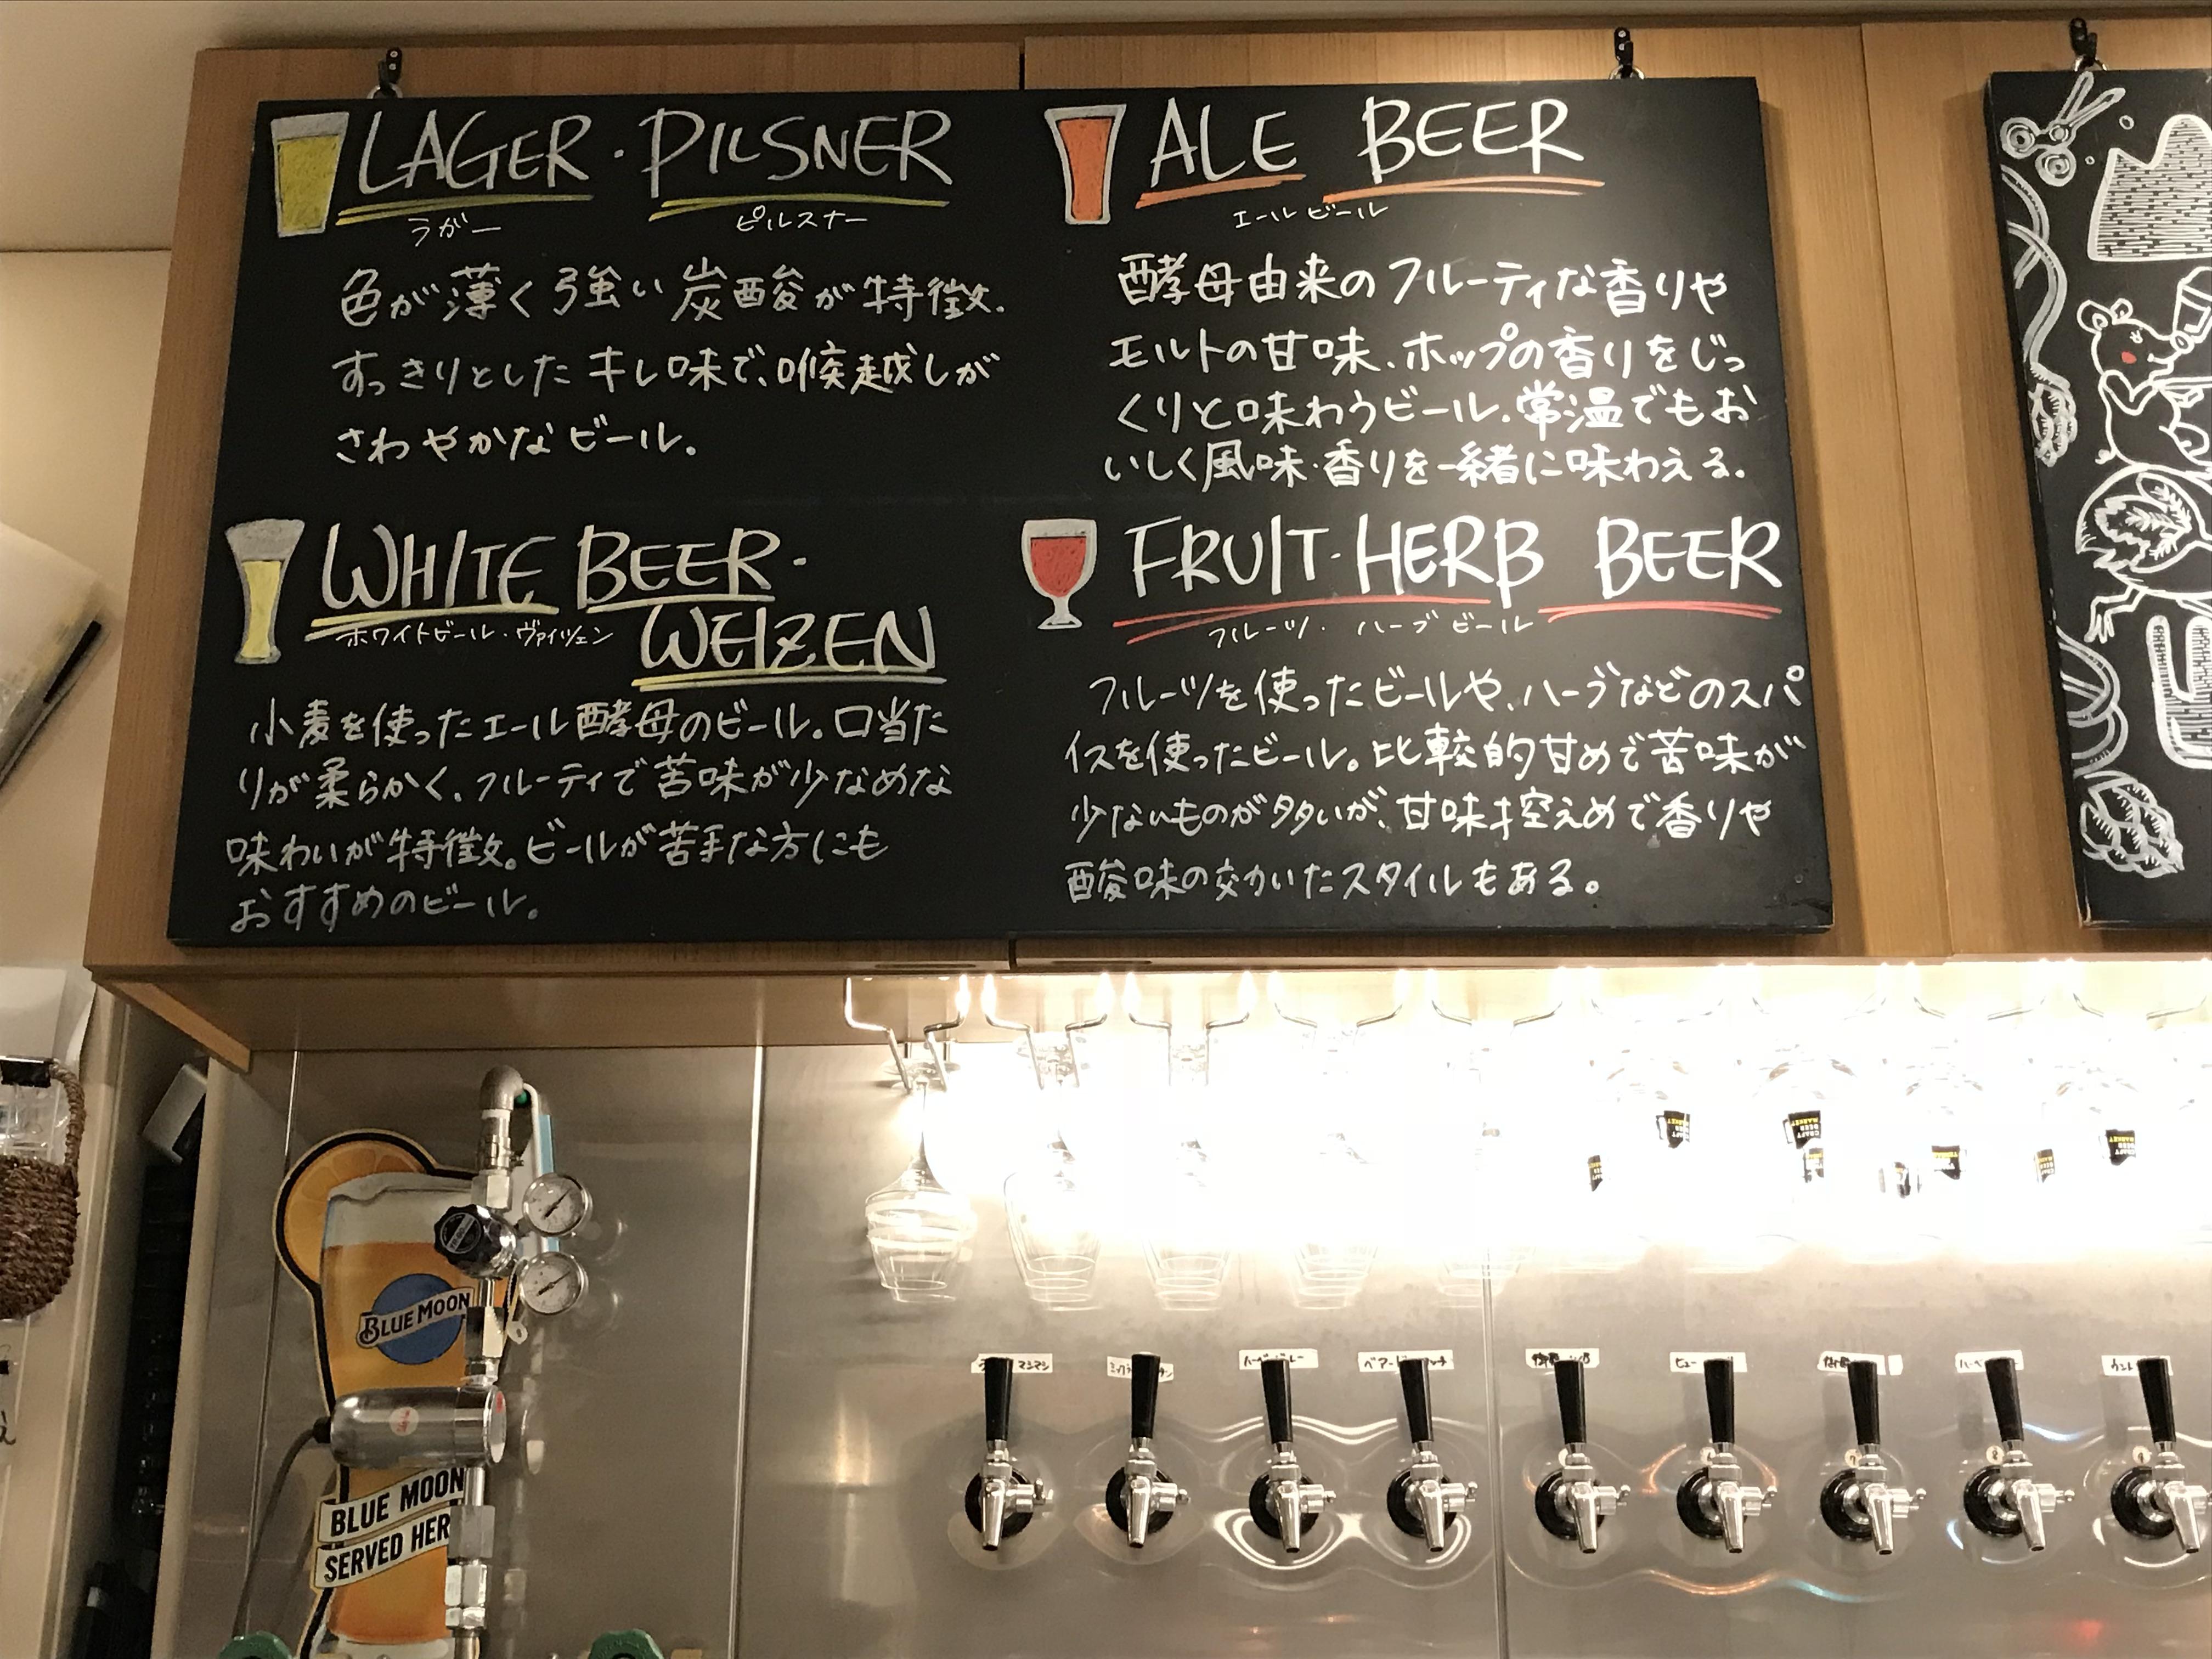 craftbeer-beerserver1